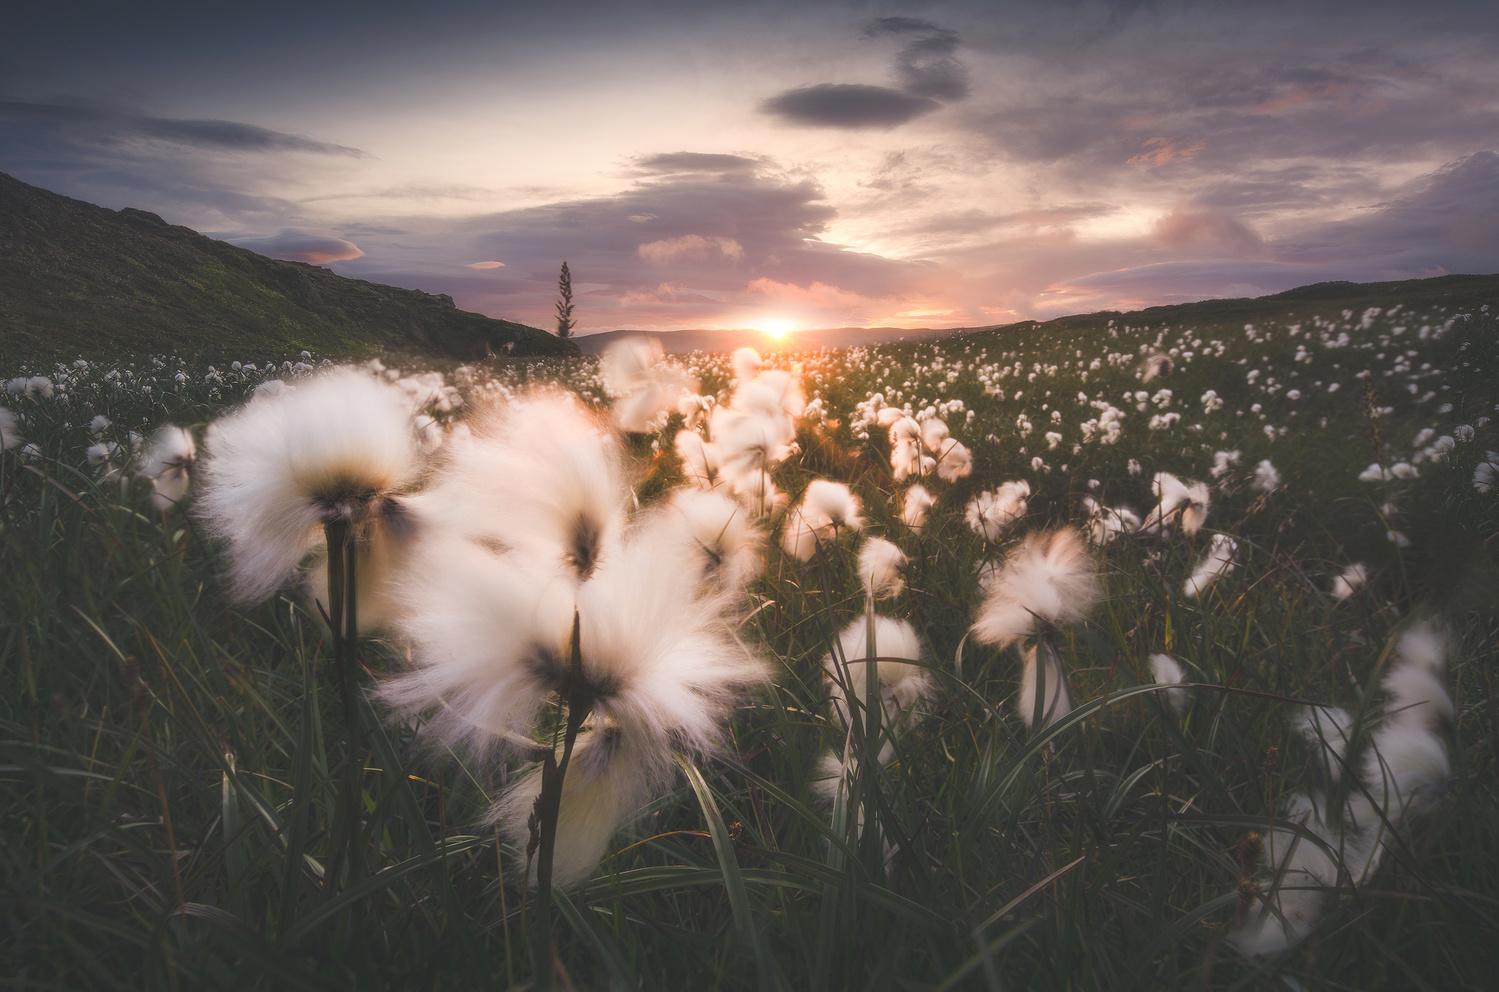 Pillow fields by Kaspars Dzenis